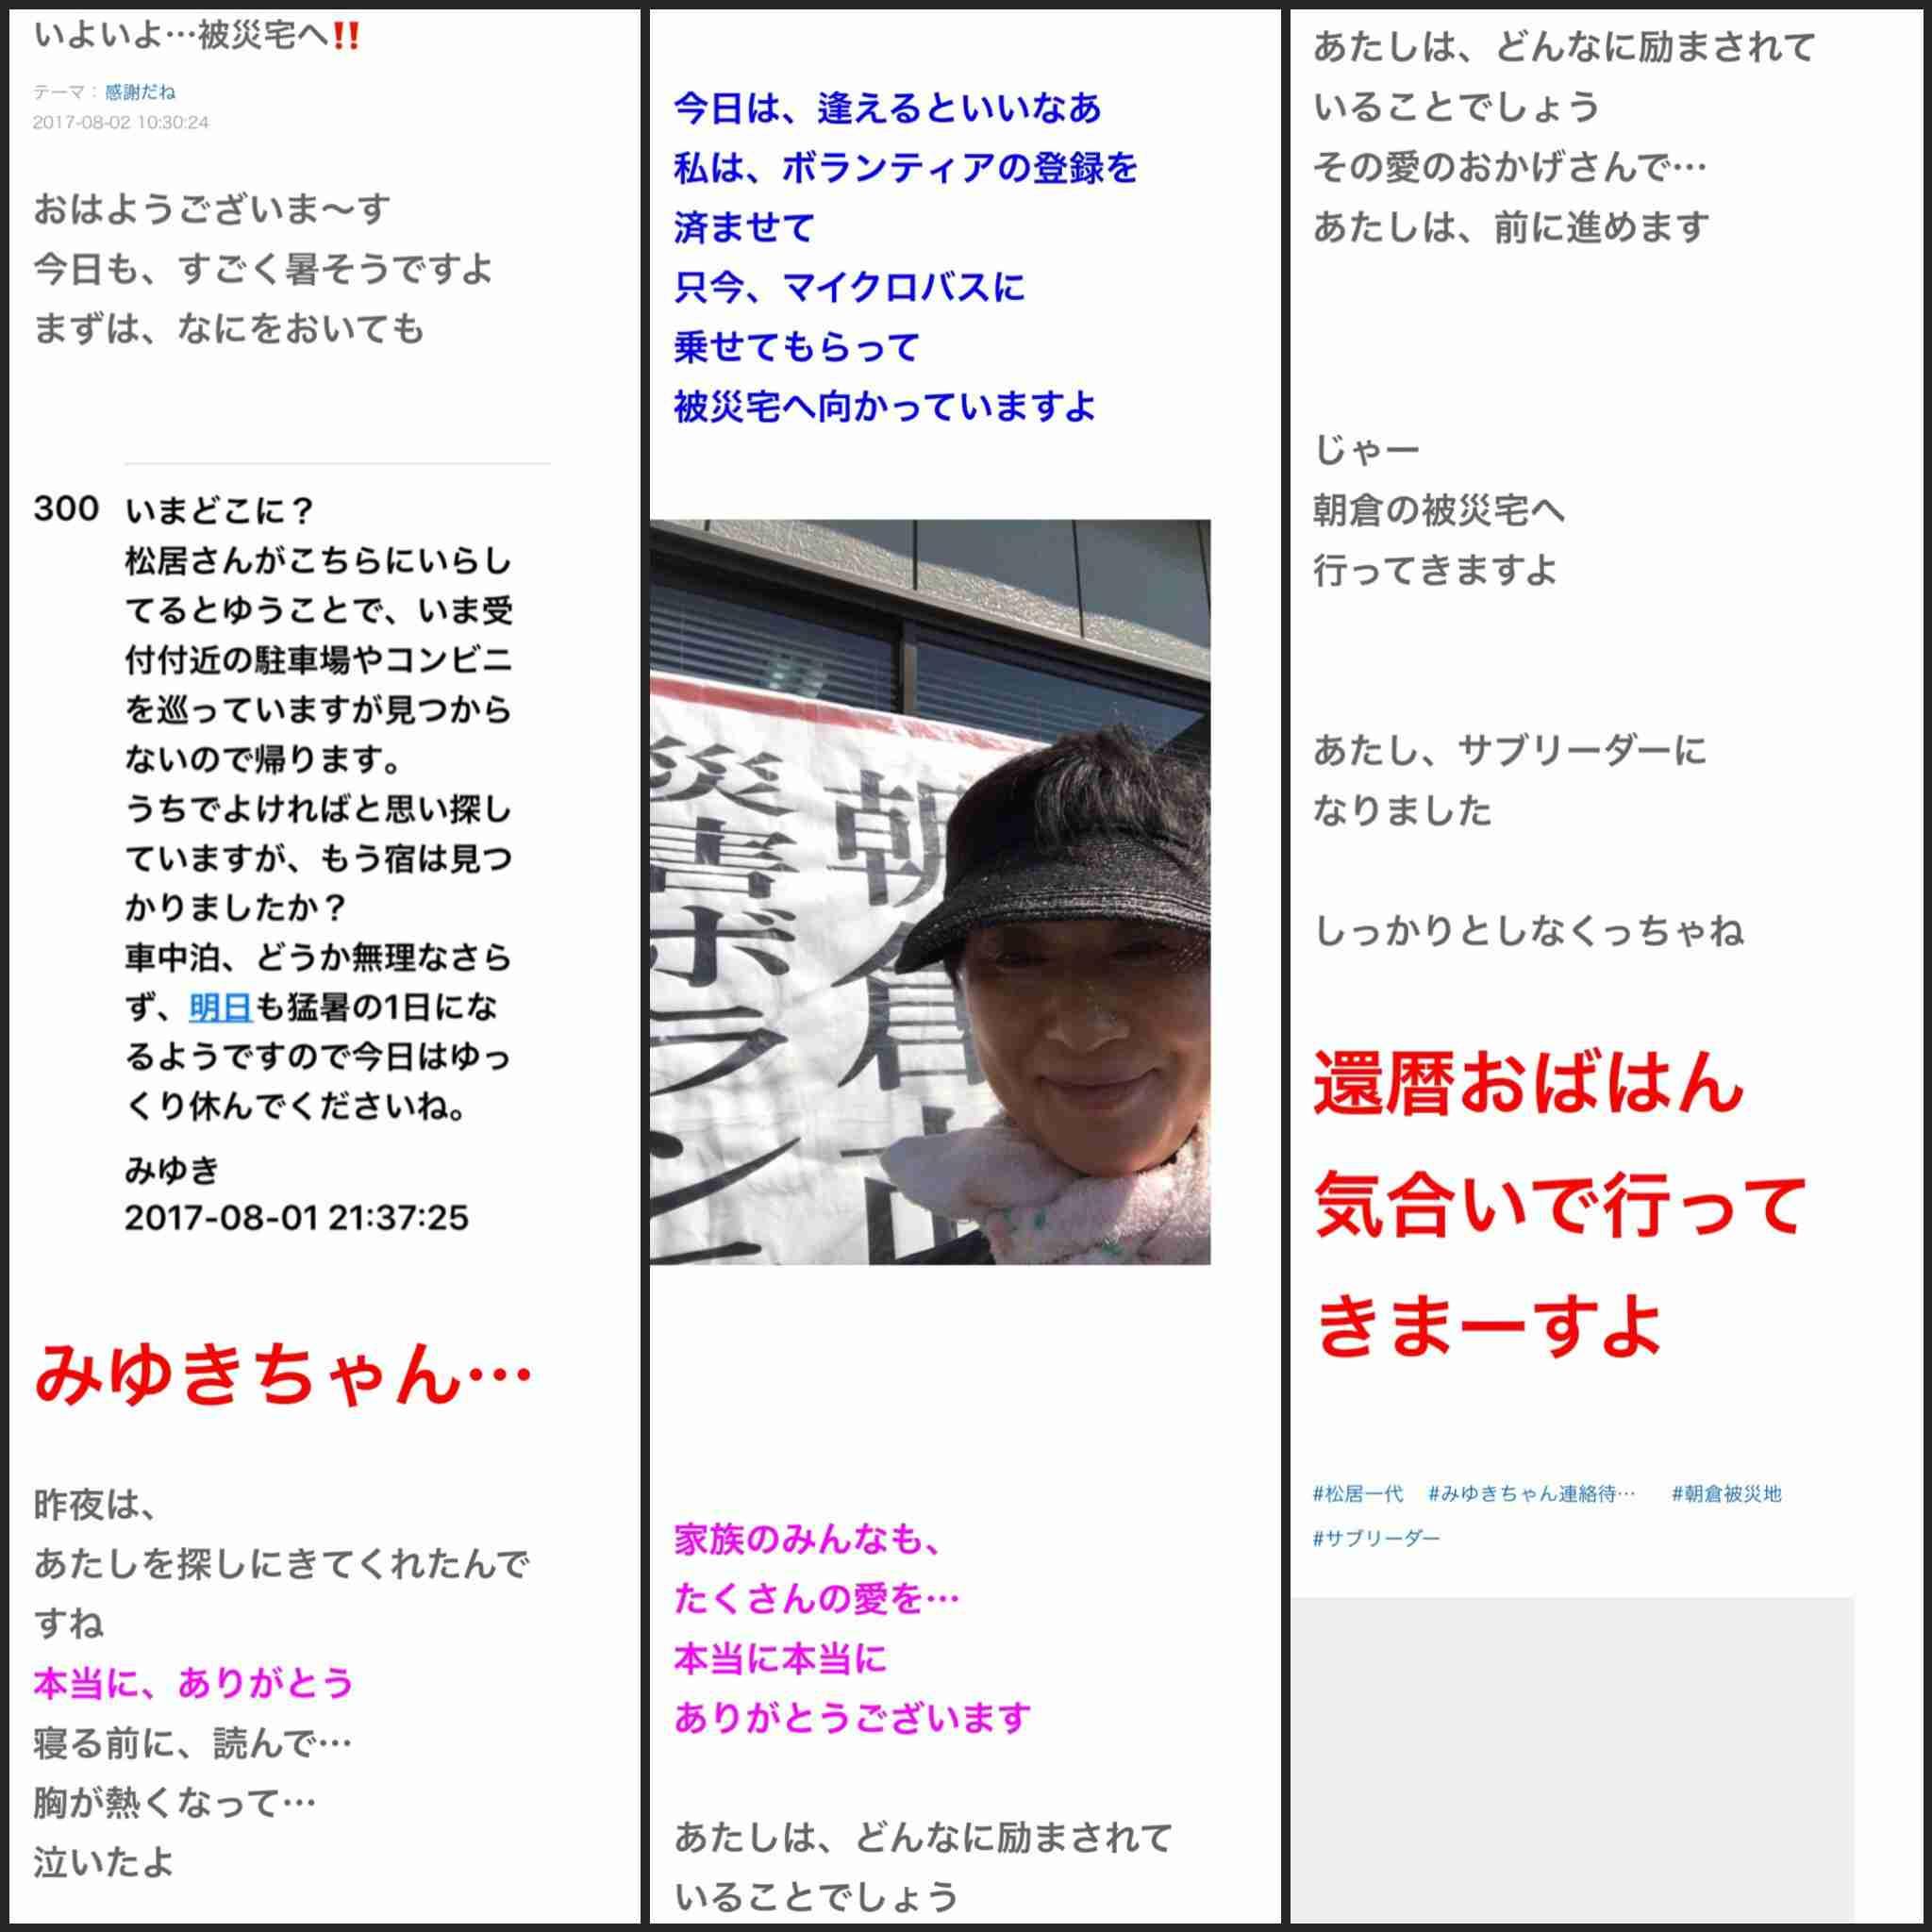 松居一代、朝倉市で災害ボランティア開始「あたし、サブリーダーになりました」